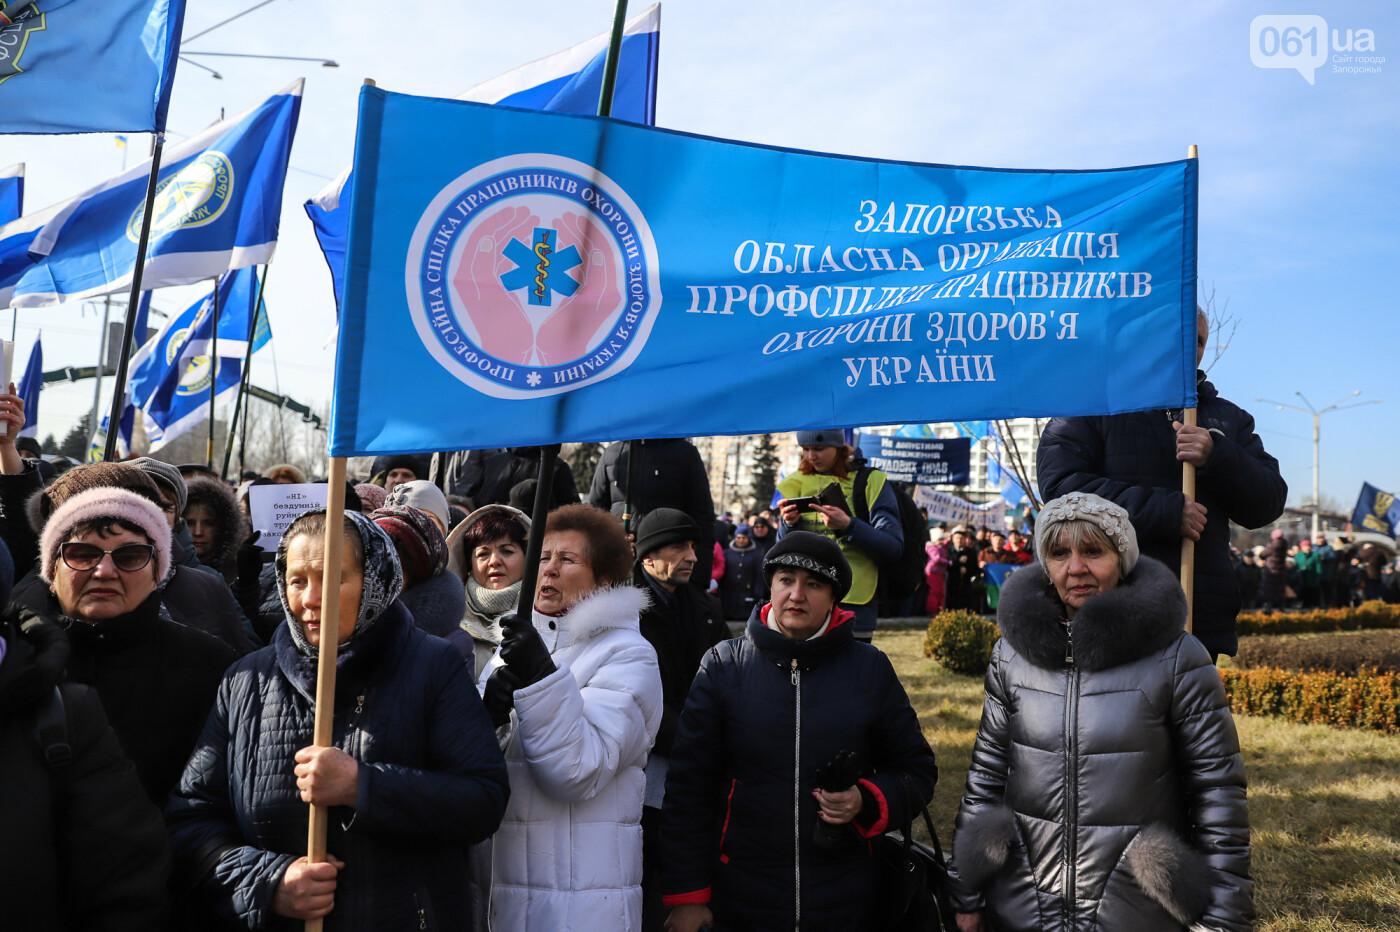 В Запорожье на протестную акцию профсоюзов «Волна гнева» вышло около 2000 человек, - ФОТОРЕПОРТАЖ, фото-15